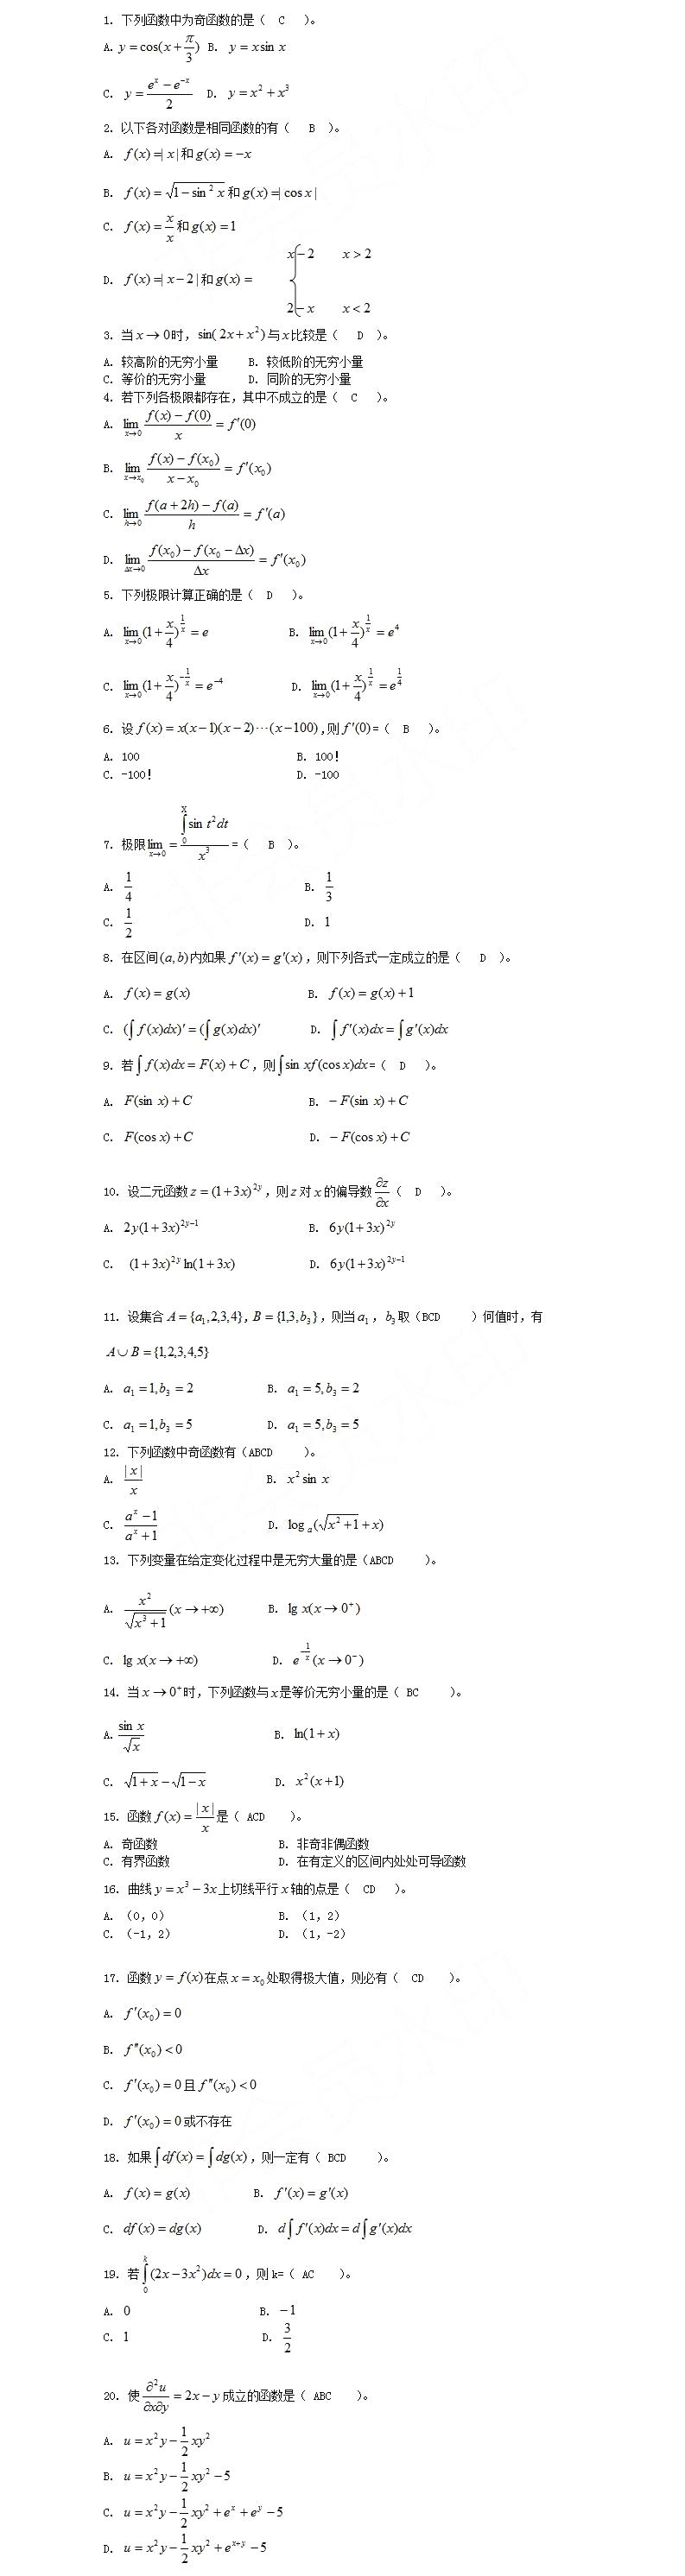 湖北成考专升本《高等数学》模拟真题及答案解析(2)